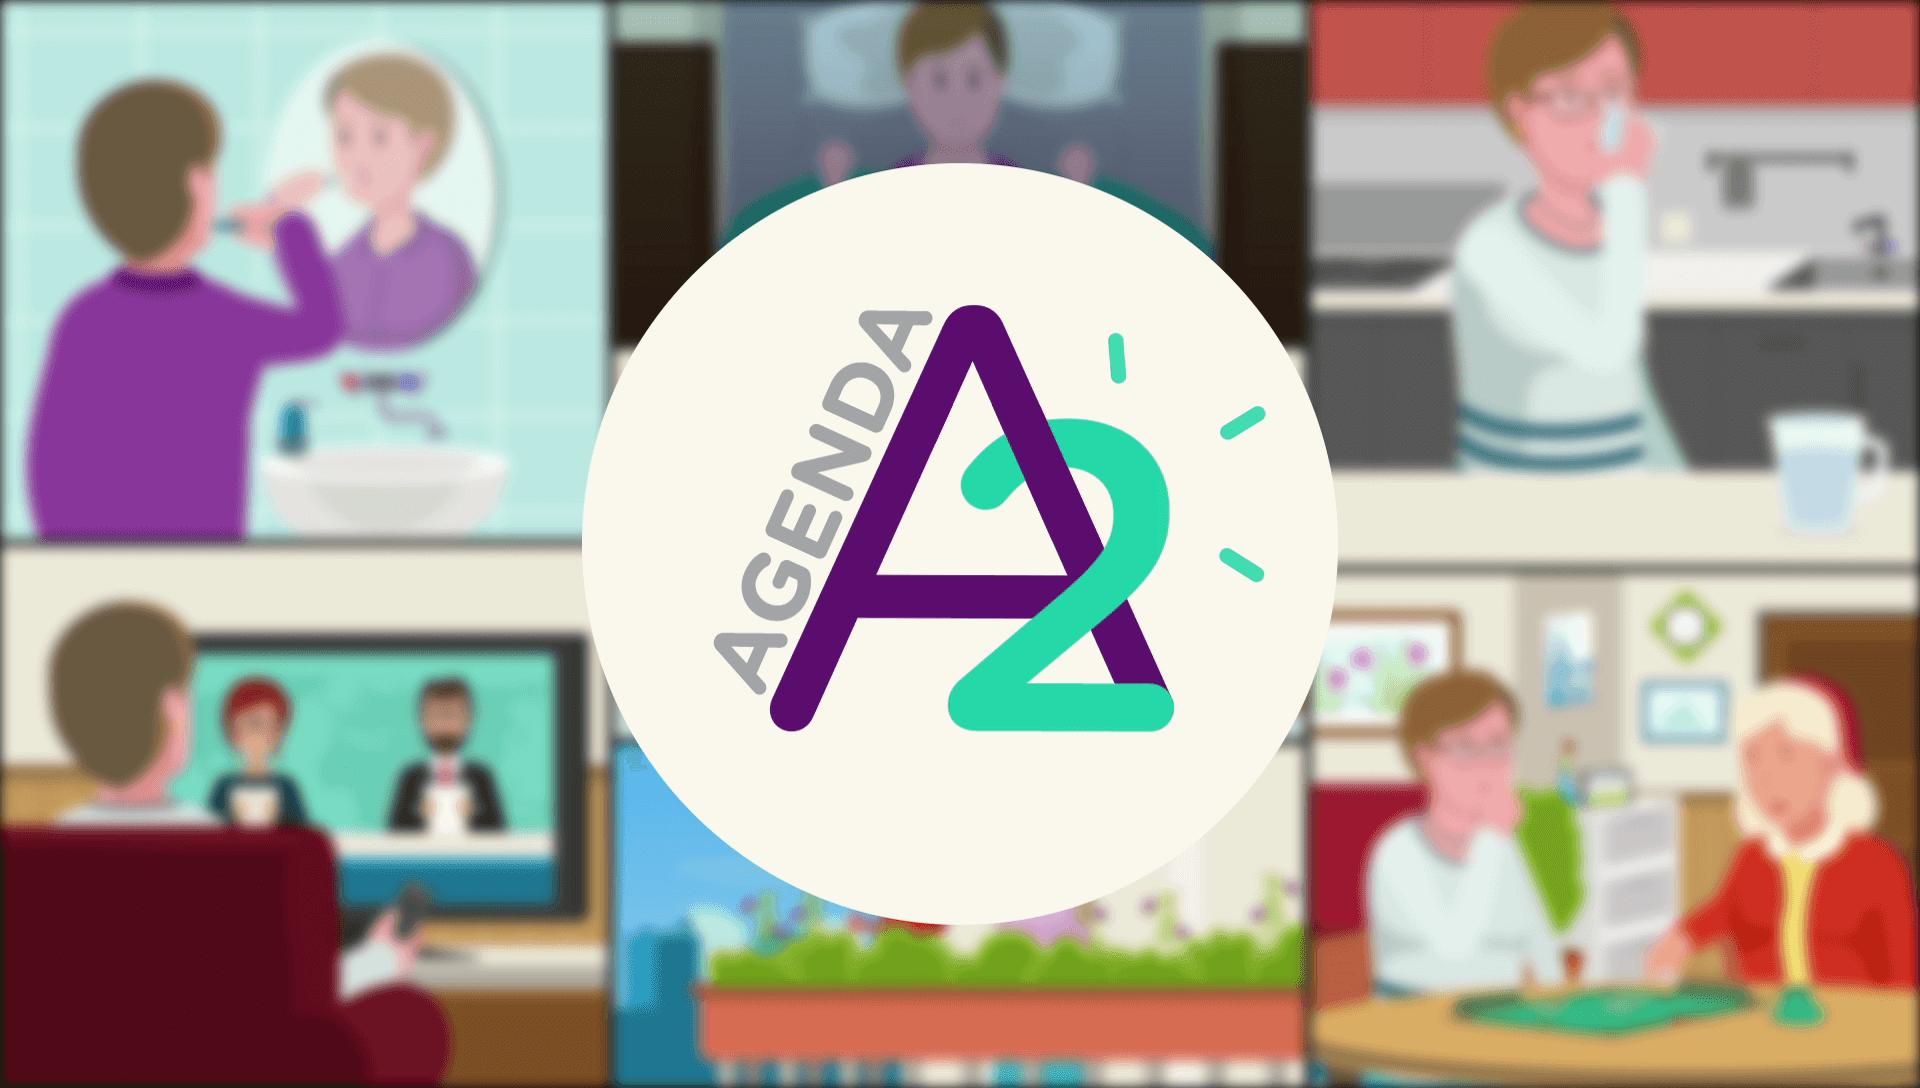 Agenda A2 - Motion design